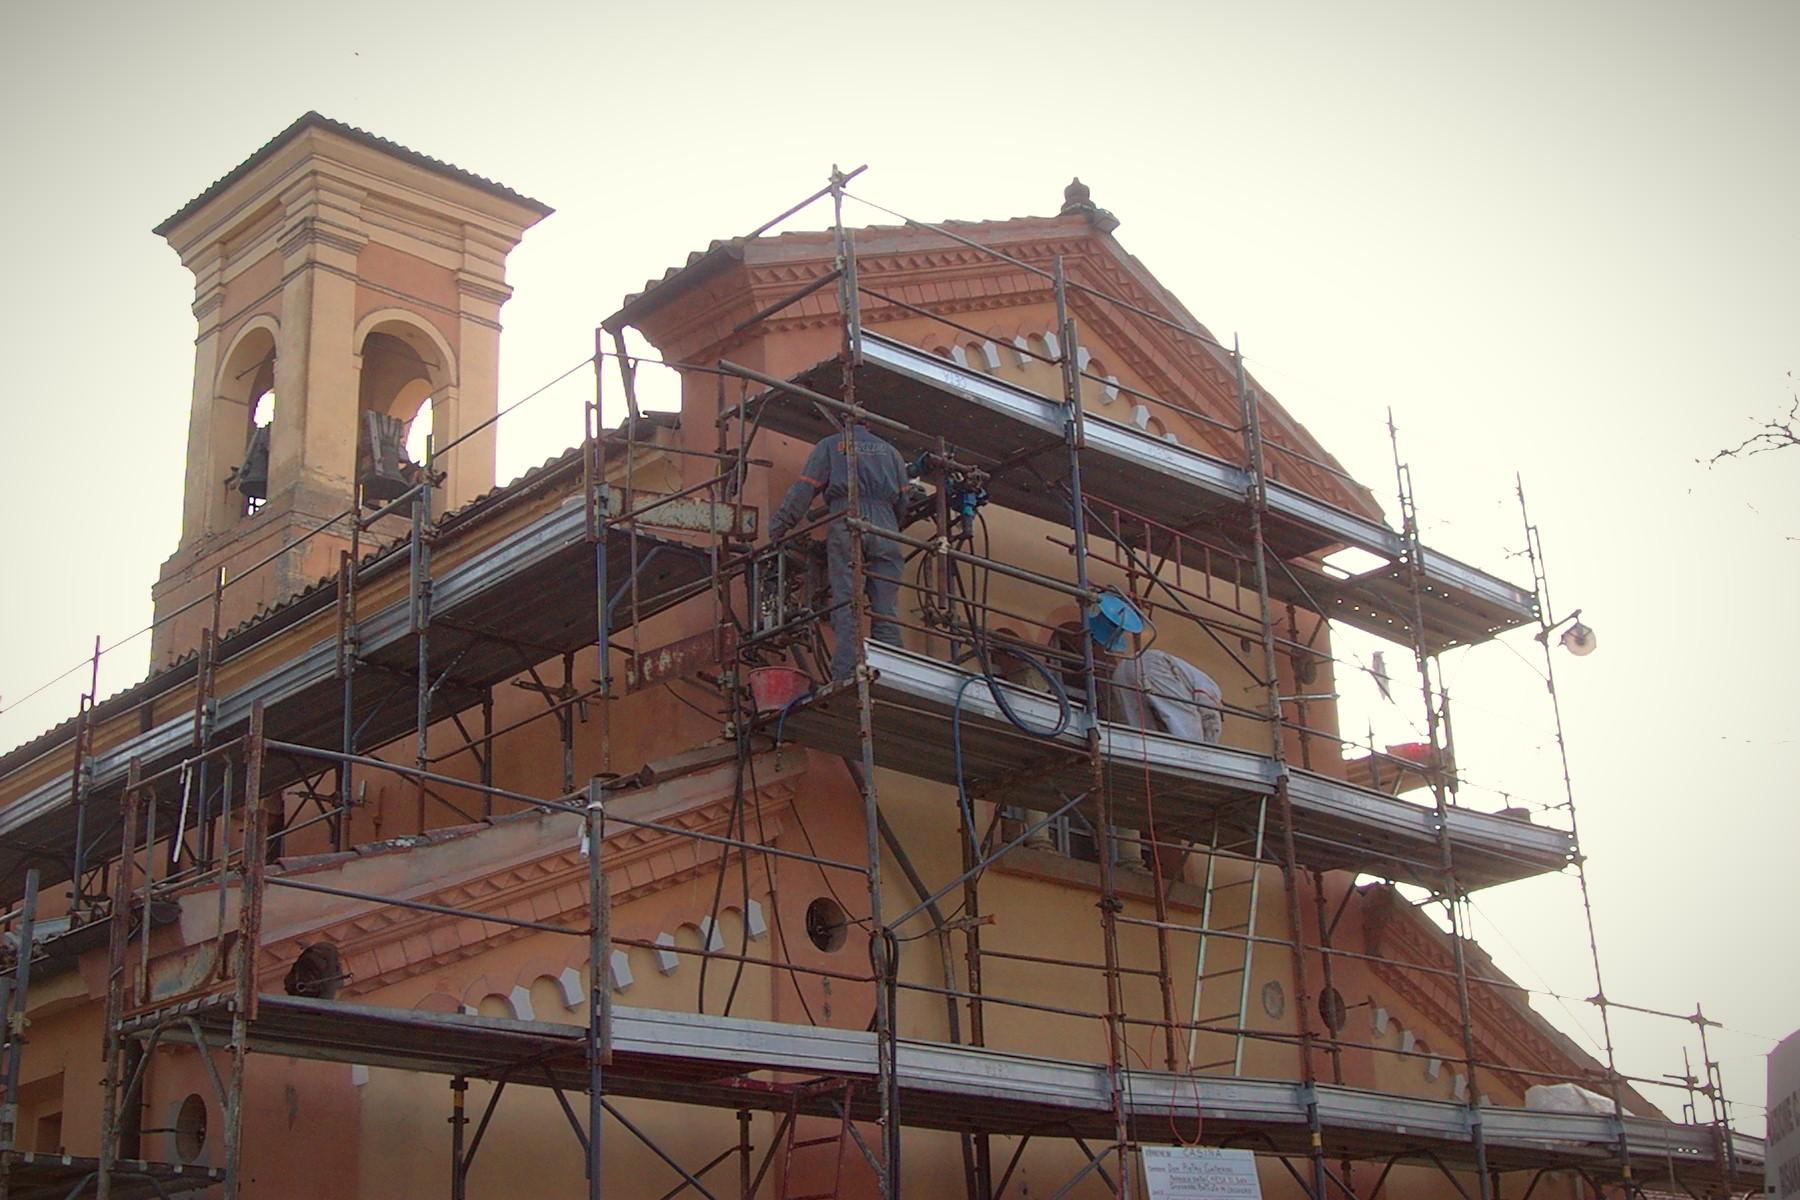 Consolidamento di un edificio di culto con tiranti in barre Diwidag inseriti in perforazioni in asse per tutta la lunghezza della muratura - ITON SRL